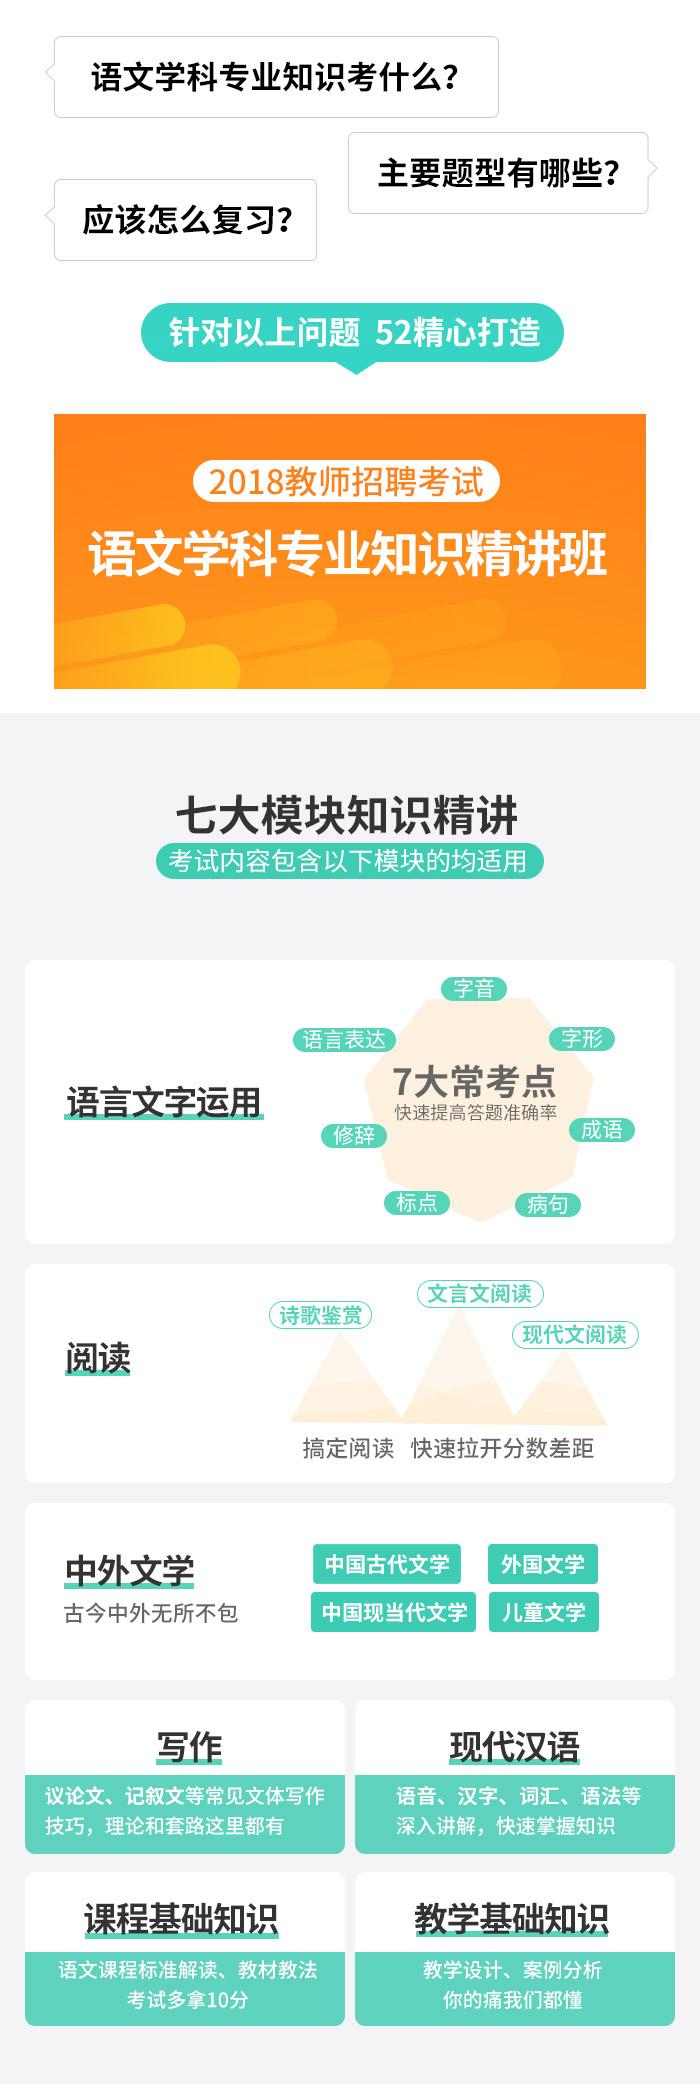 2018教招语文学科专业知识精讲班_01.jpg